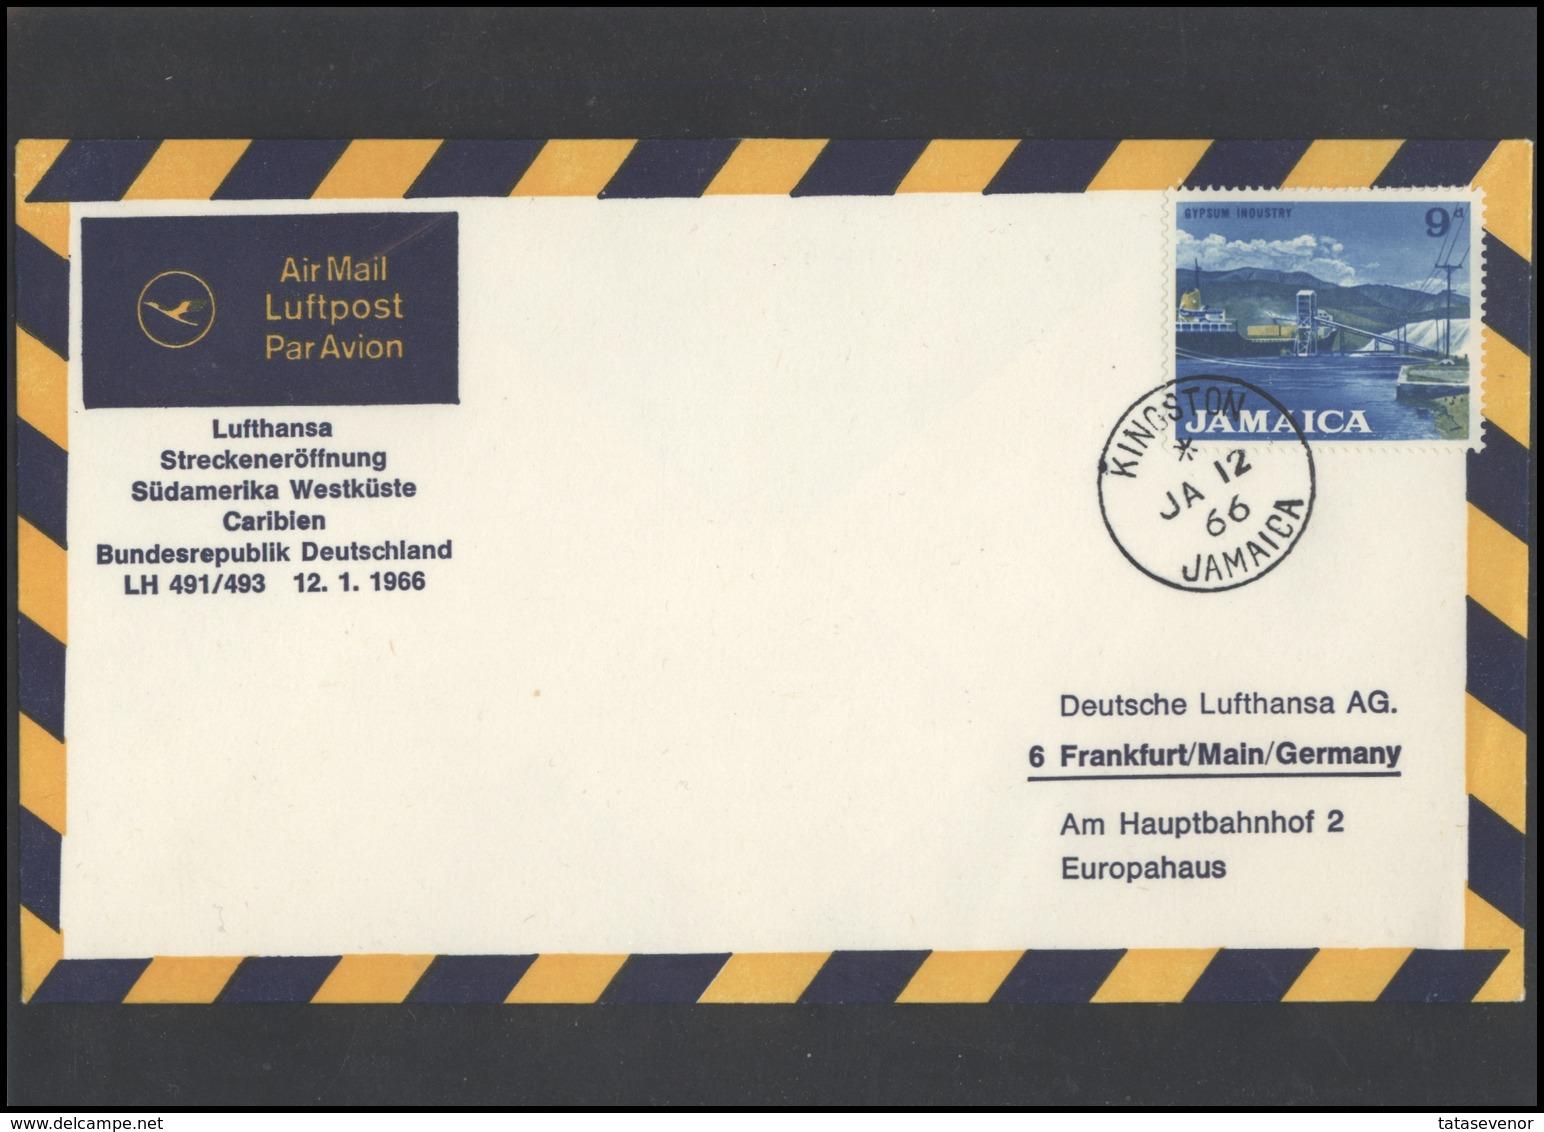 GERMANY Deutschland D BRD Brief LH 004 First Flight Kingston Jamaica LUFTHANSA - BRD